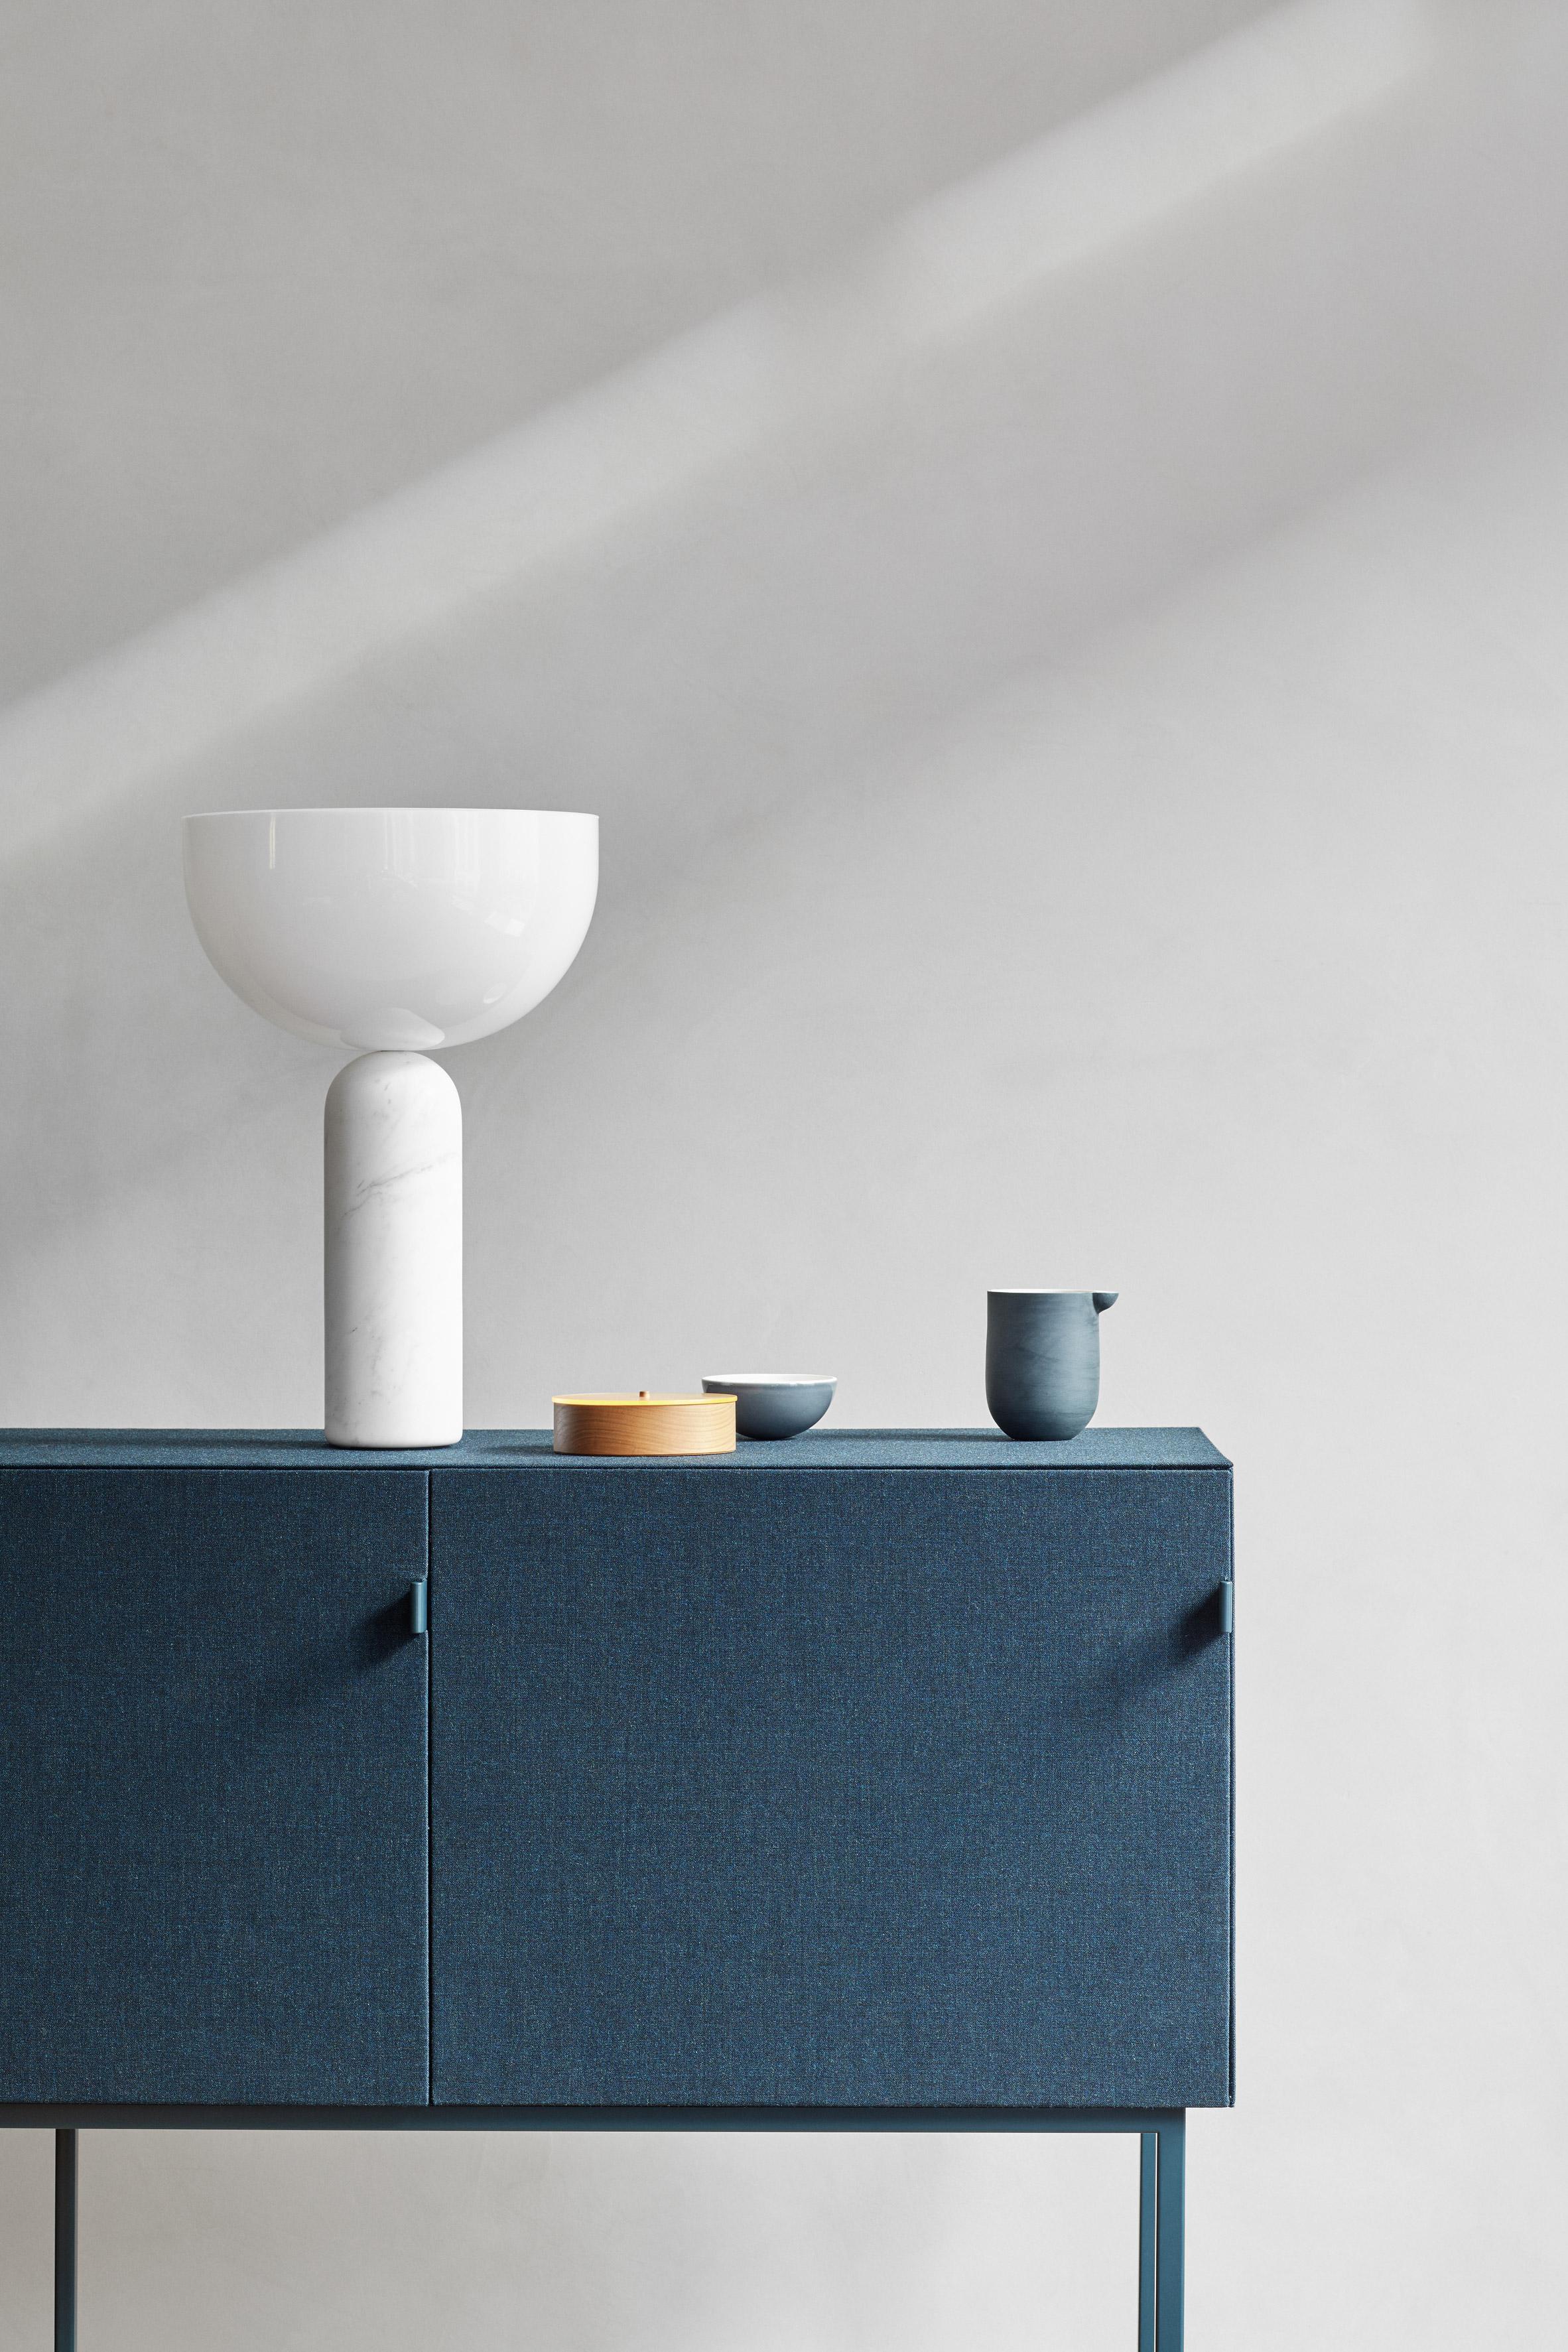 tone-cabinets-norm-architects-zilenzio-design-furniture-cabinets_dezeen_2364_col_1